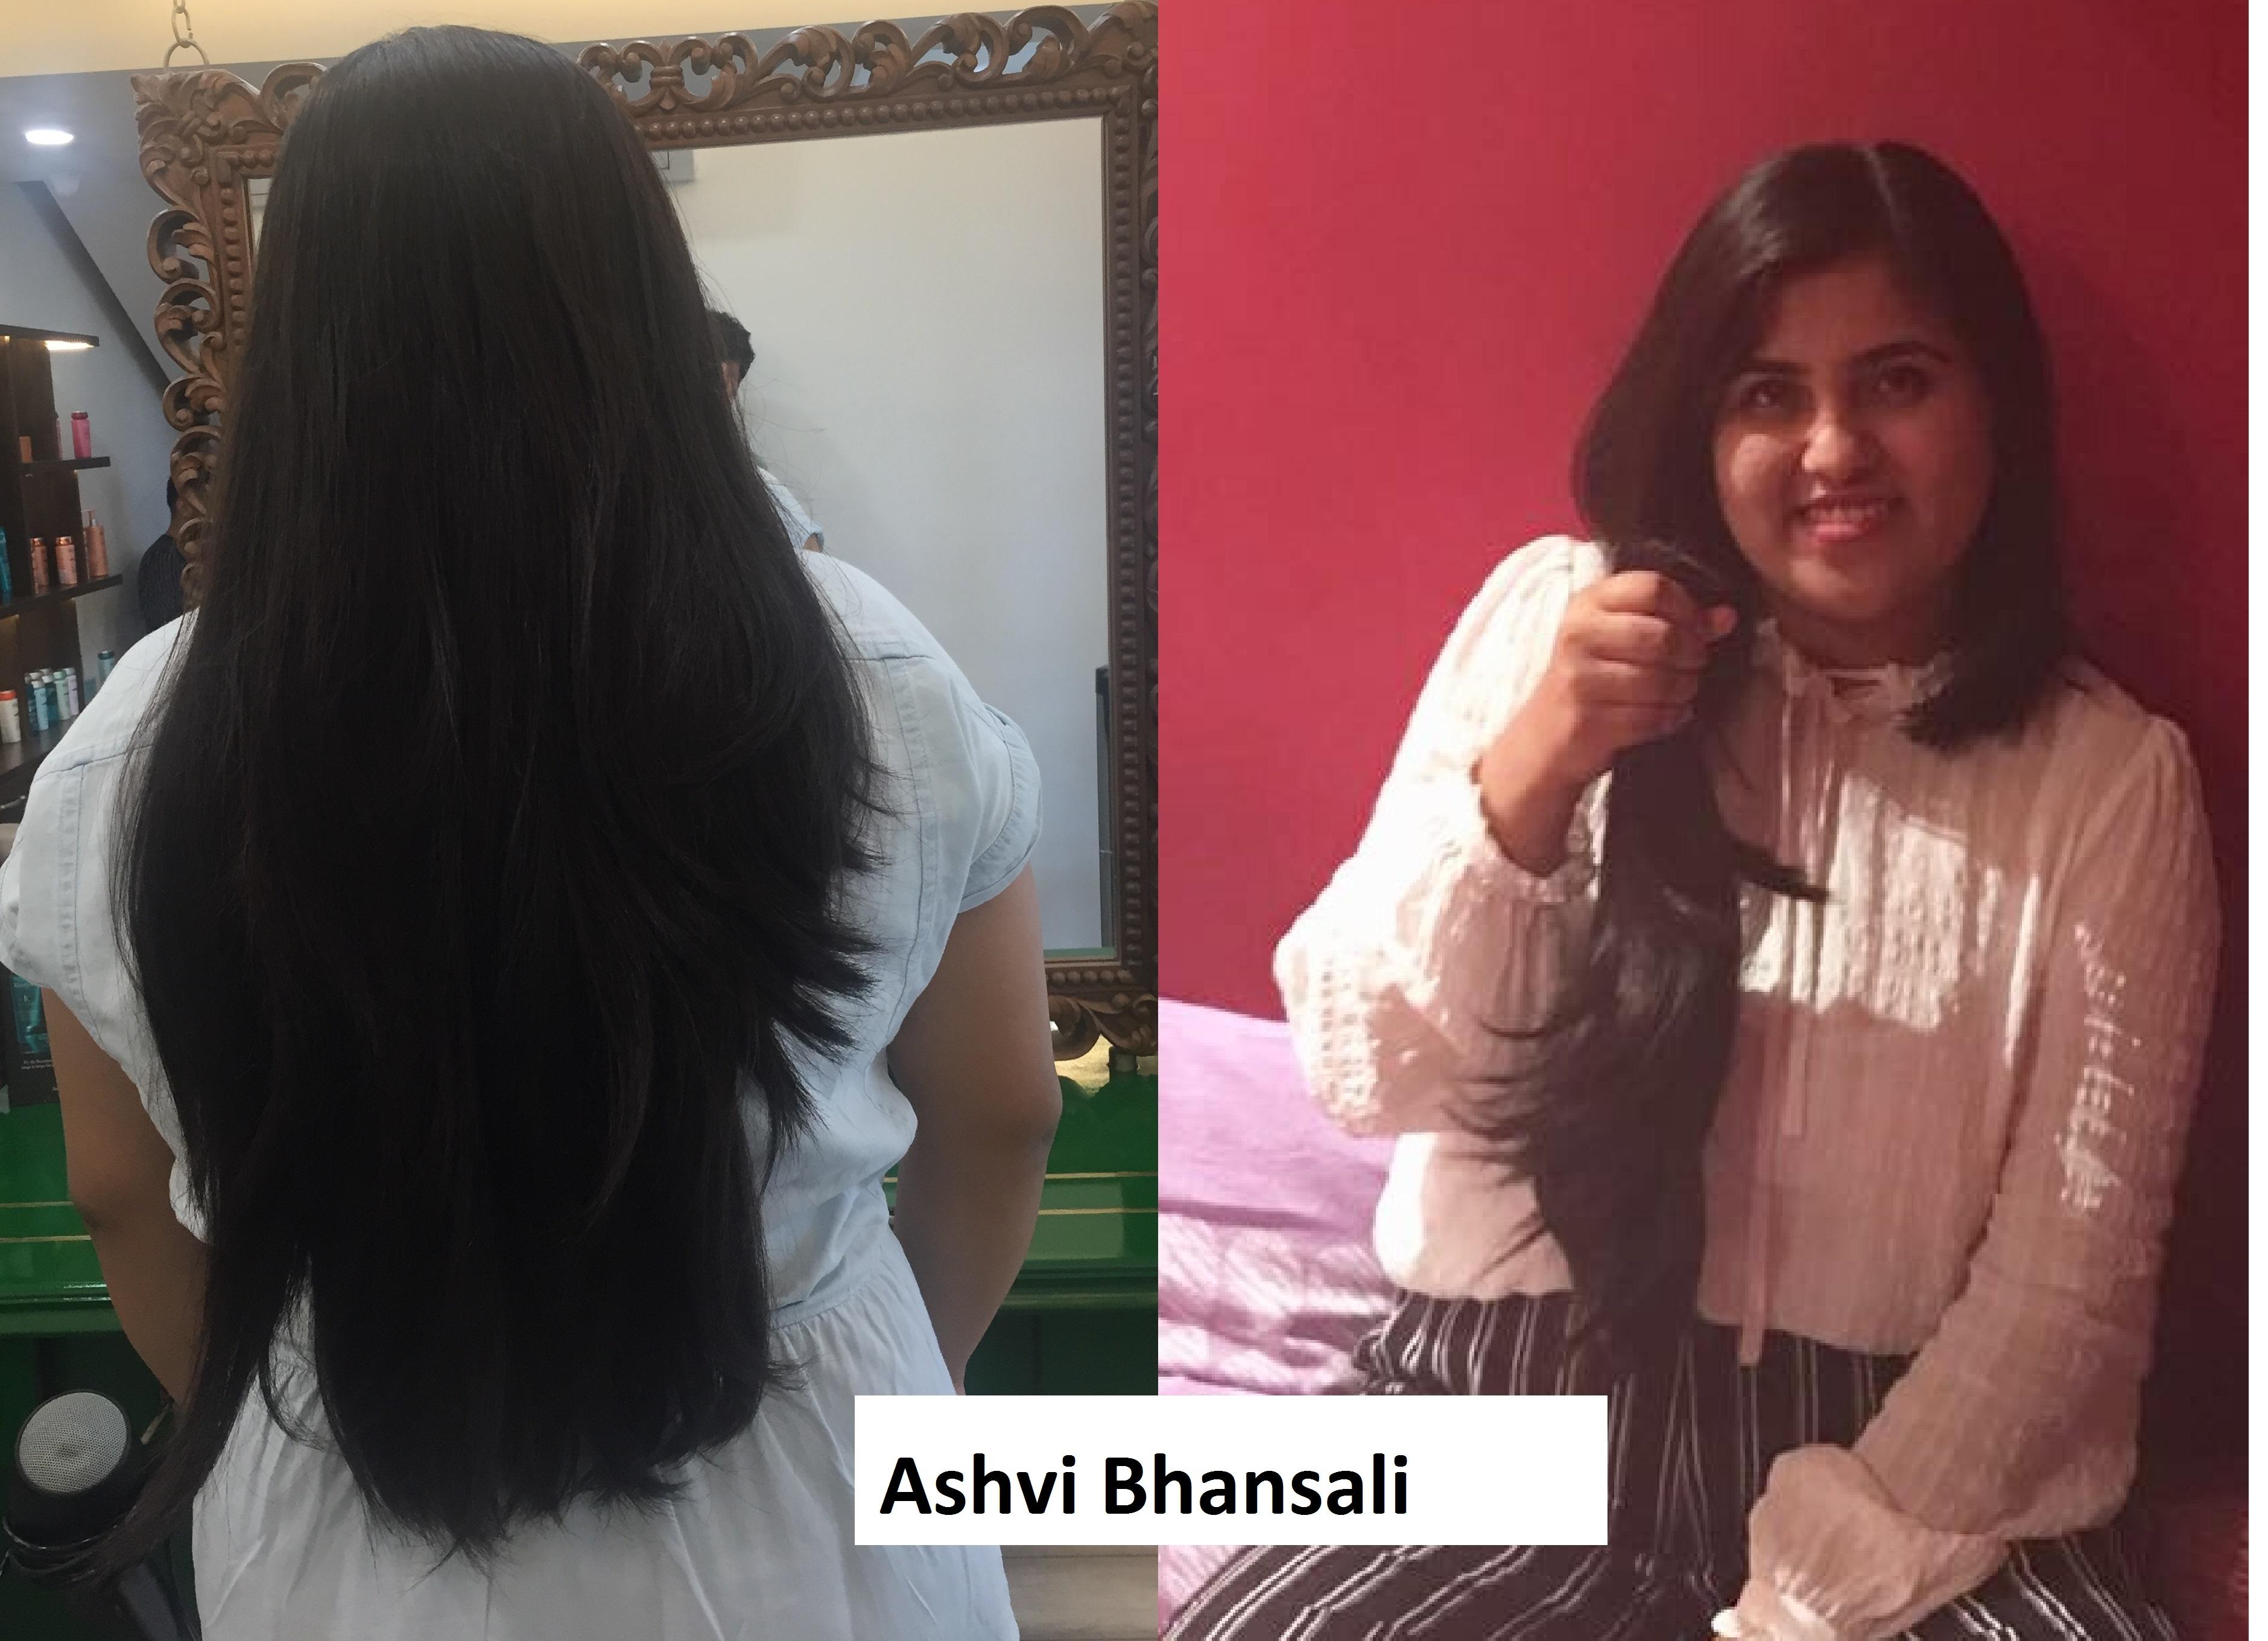 Ashvi Bhansali